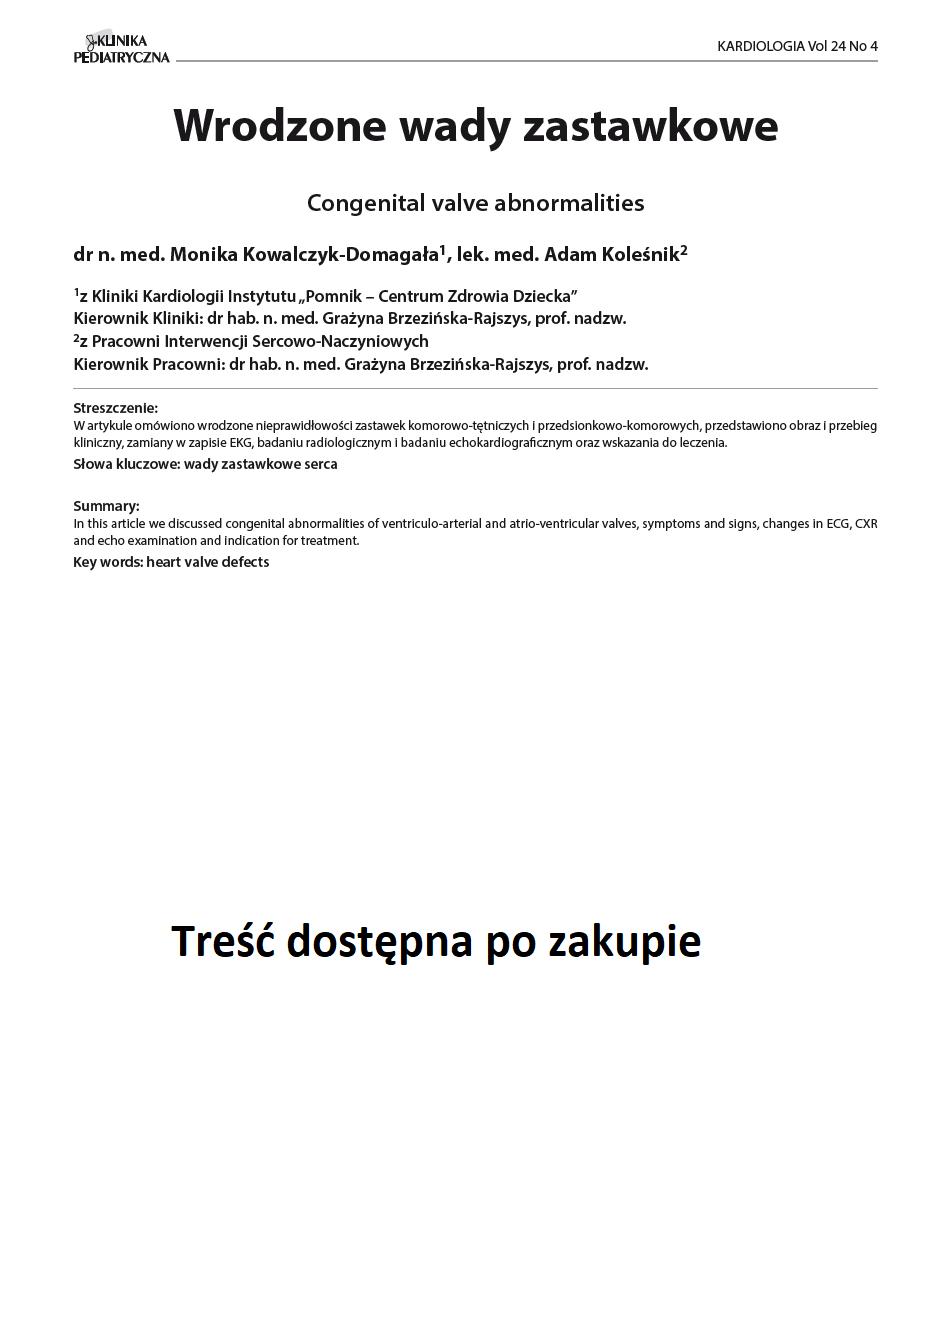 KP 4 -2016- Wrodzone wady zastawkowe